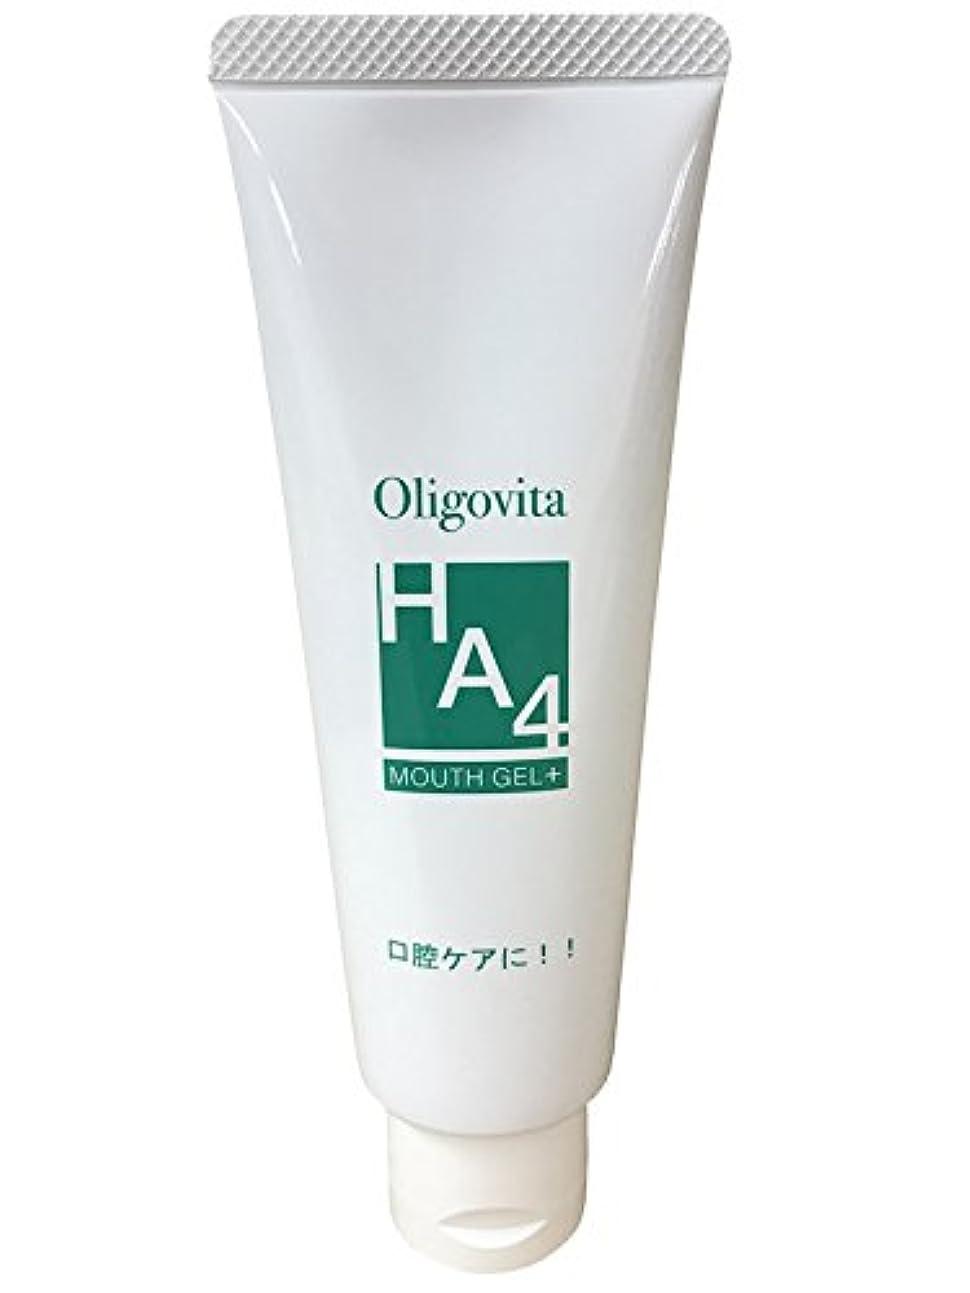 肘バンク付き添い人オリゴヴィータ マウスジェルプラス 口腔内ケア 保湿 保護 ドライマウス ヒアルロン酸 リゾックス配合